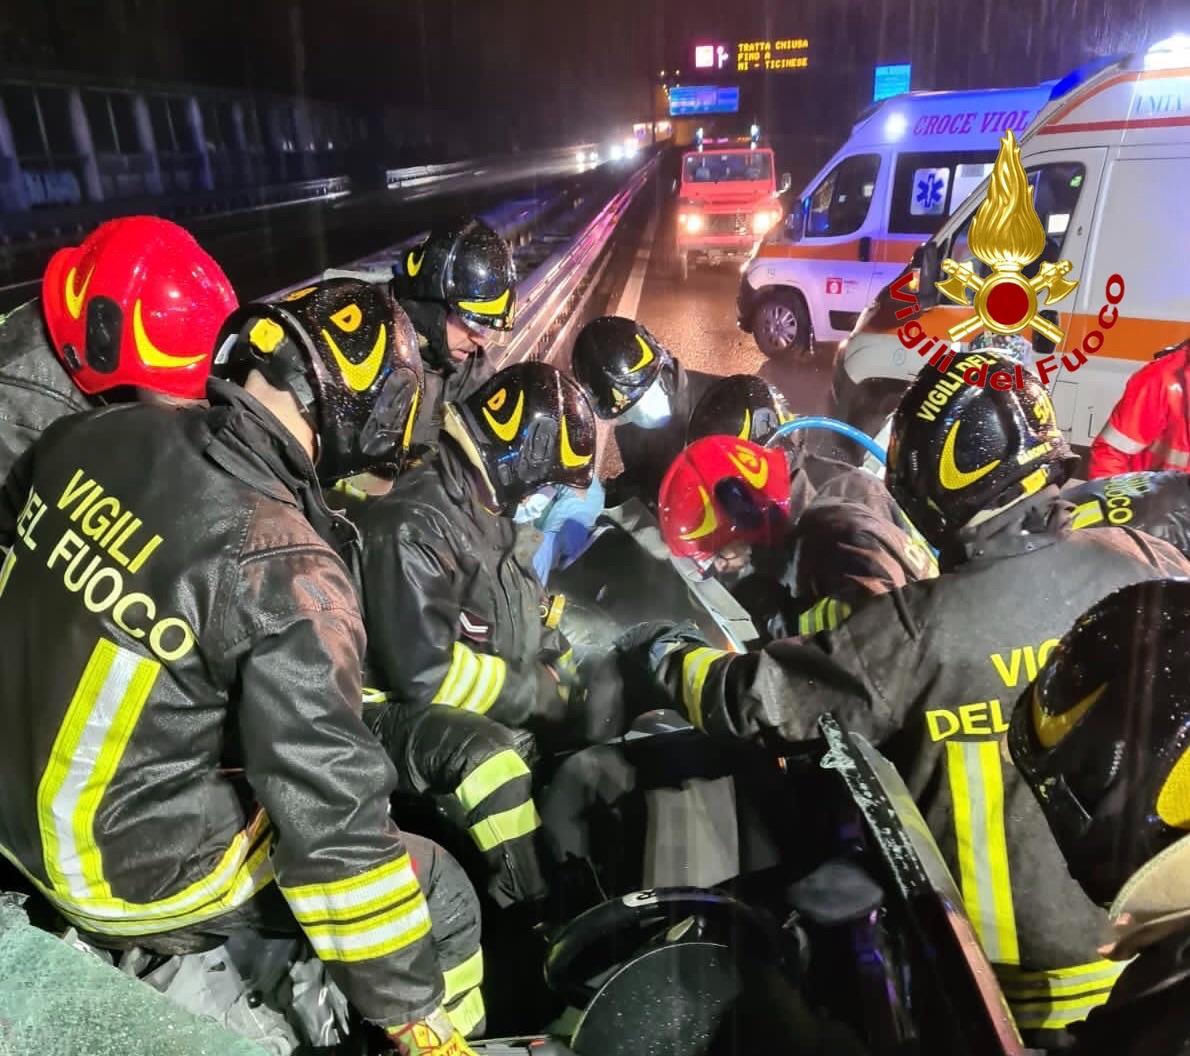 incidente Rozzano - Grave incidente sulla tangenziale Ovest al Rozzano. Morti mamma, papà e una delle bimbe 06/12/2020